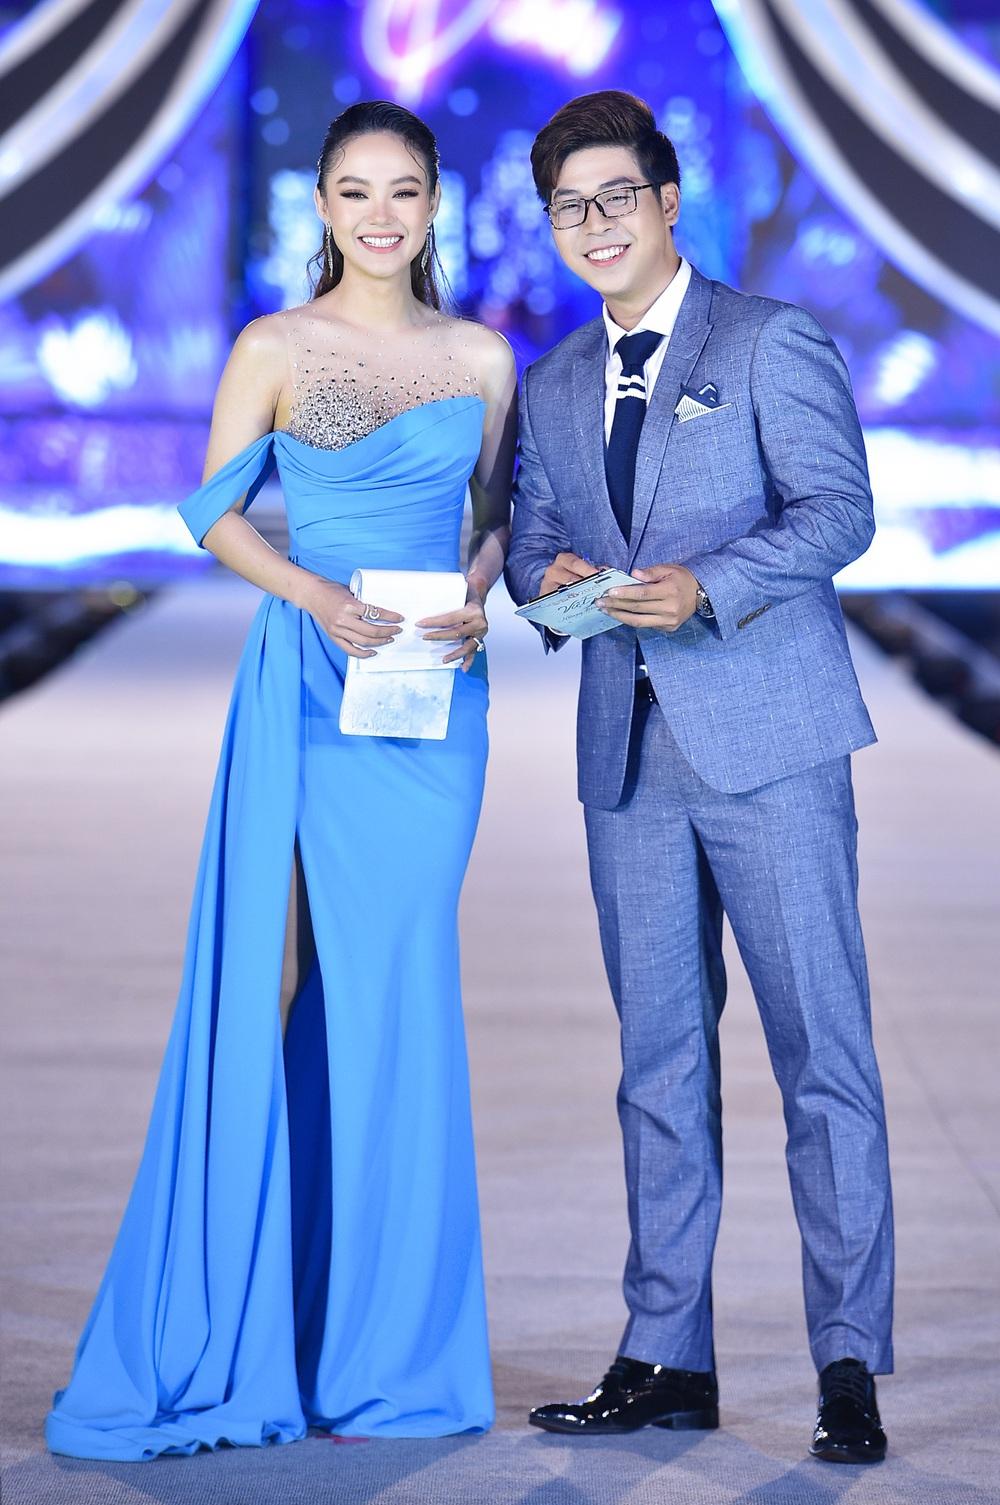 Thụy Vân khoe dáng nóng bỏng bên dàn Hoa hậu, Á hậu - Ảnh 9.